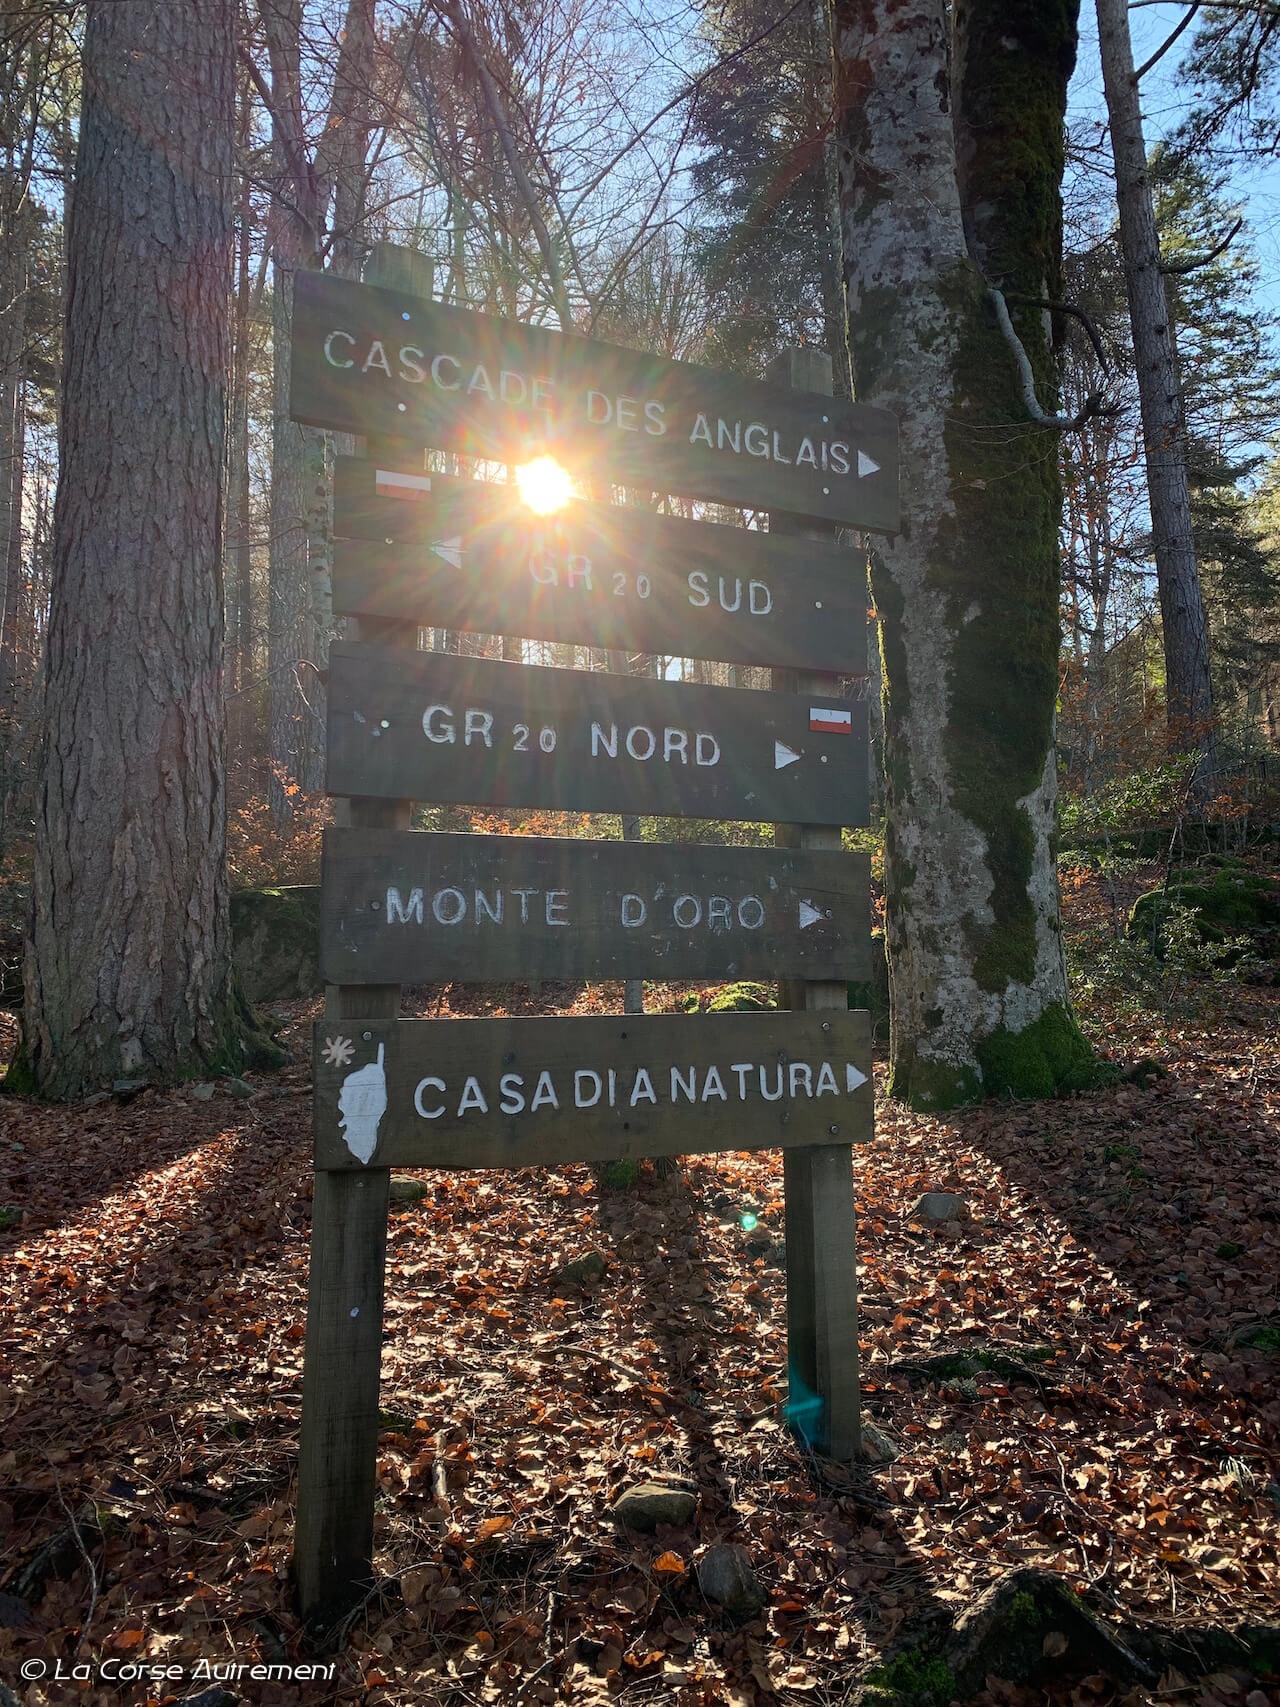 Vizzavona Cascade des Anglais